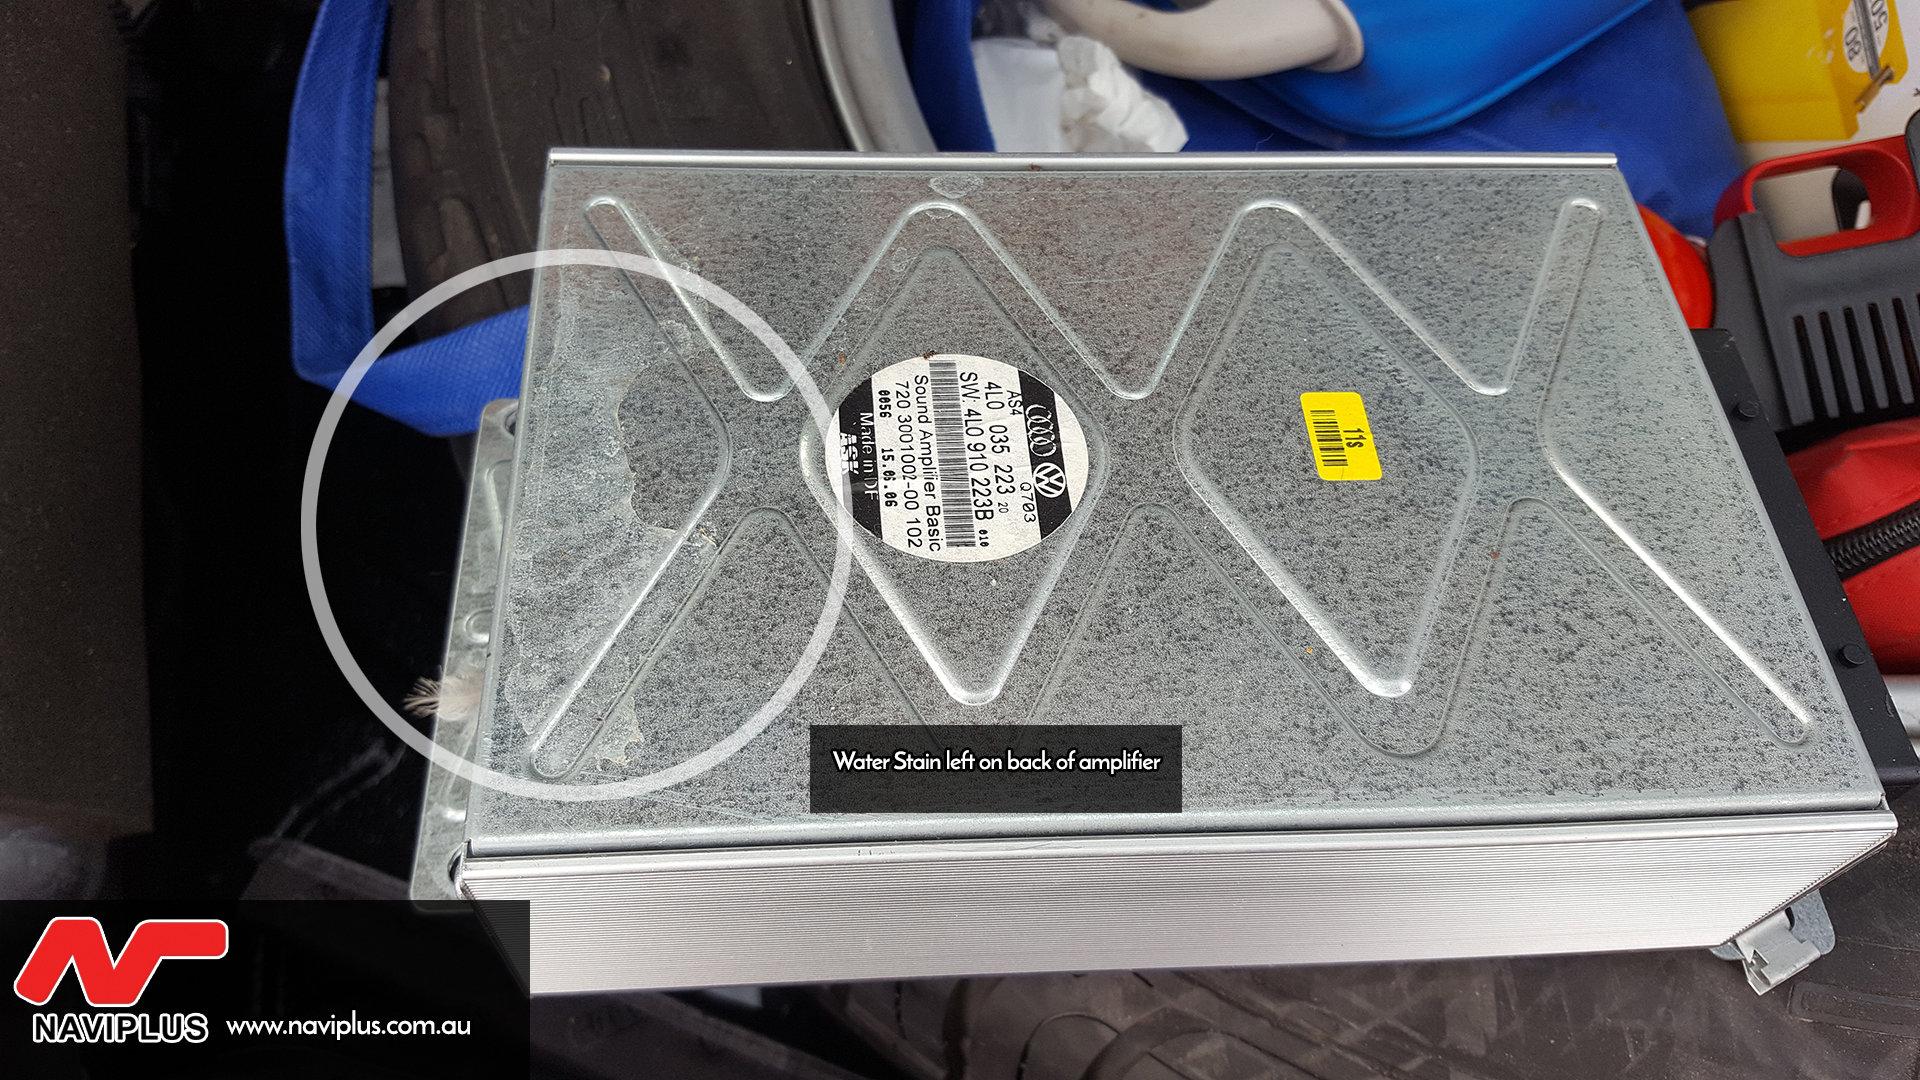 Audi 3G MMi Fiber Optic / BOSE Amplifier Repair / Replacement OEM service